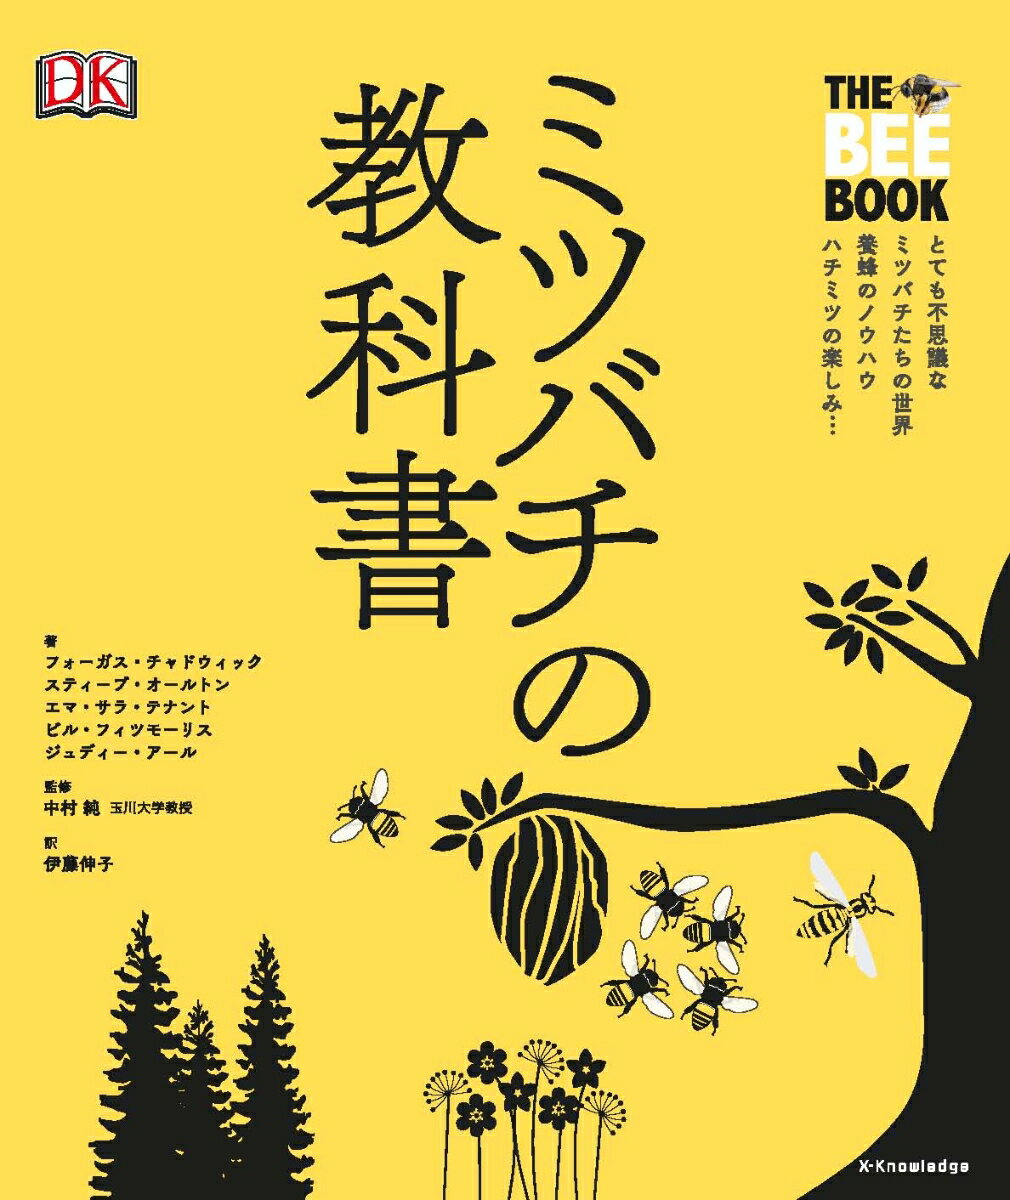 ミツバチの教科書 とても不思議なミツバチたちの世界養蜂のノウハウハチ [ フォーガス・チャドウィック ]